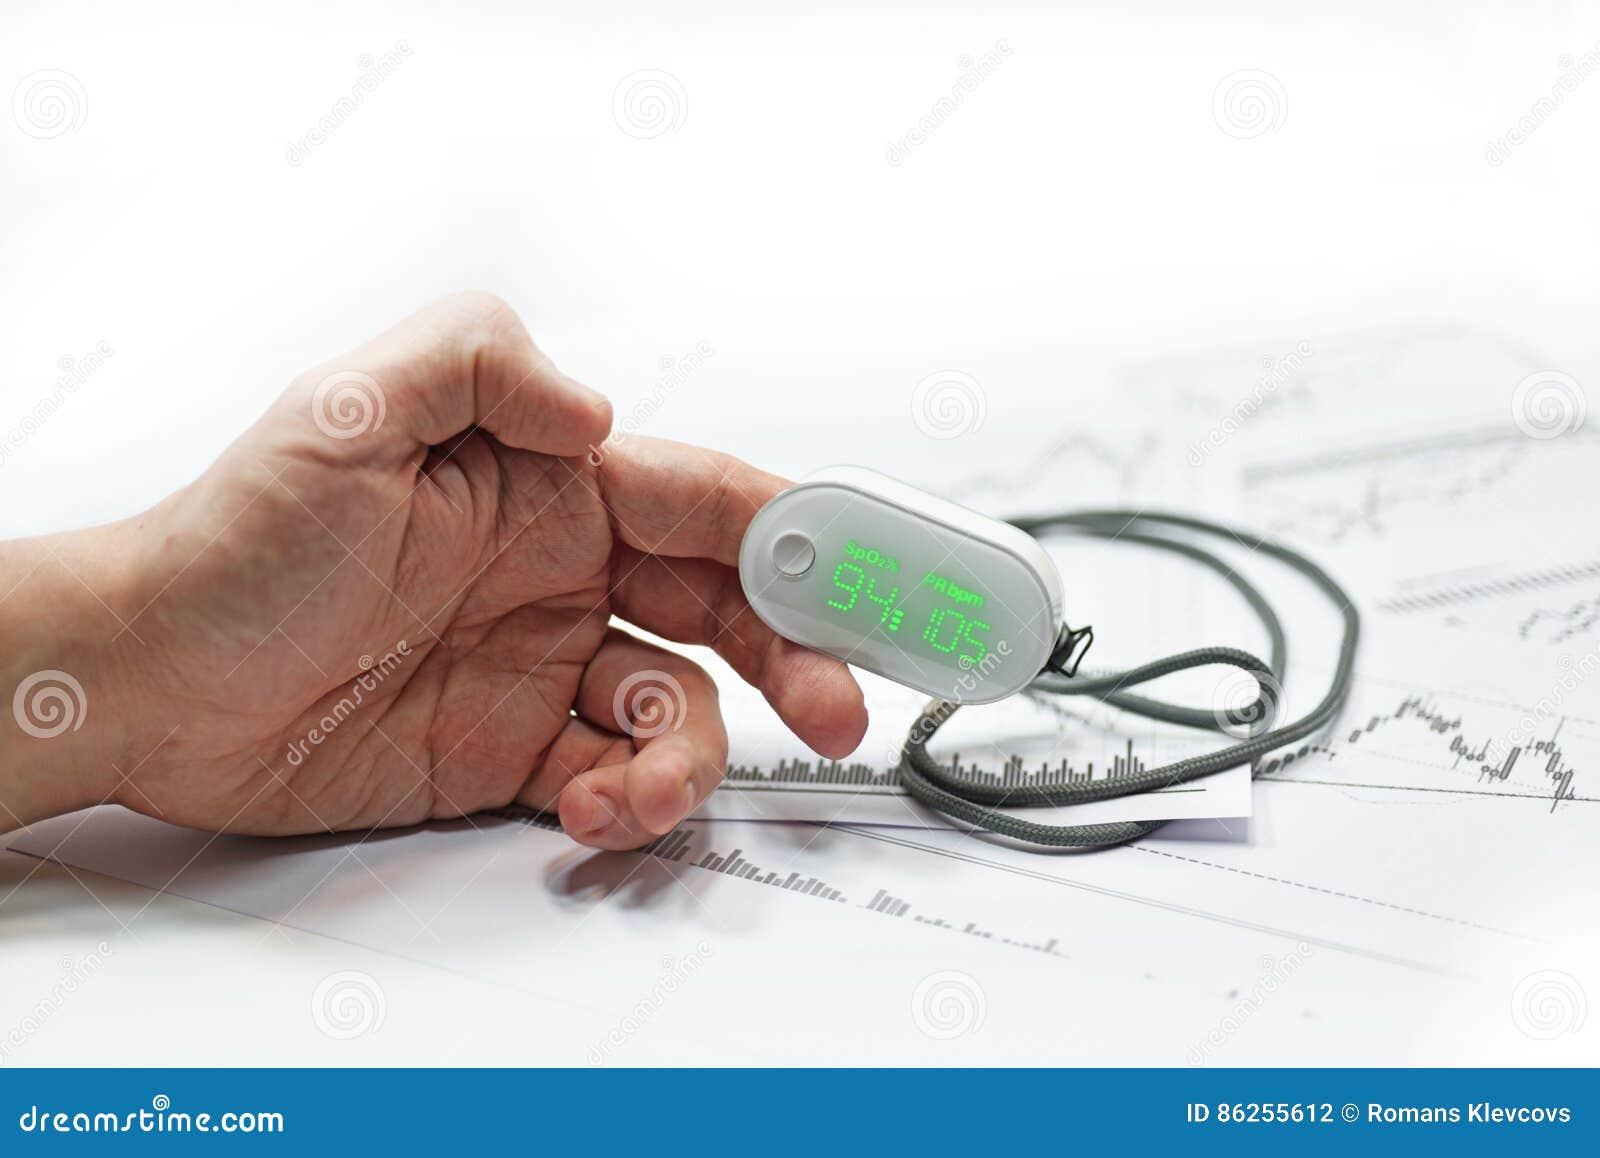 El metro de oxígeno de la sangre encendido sirve el finger